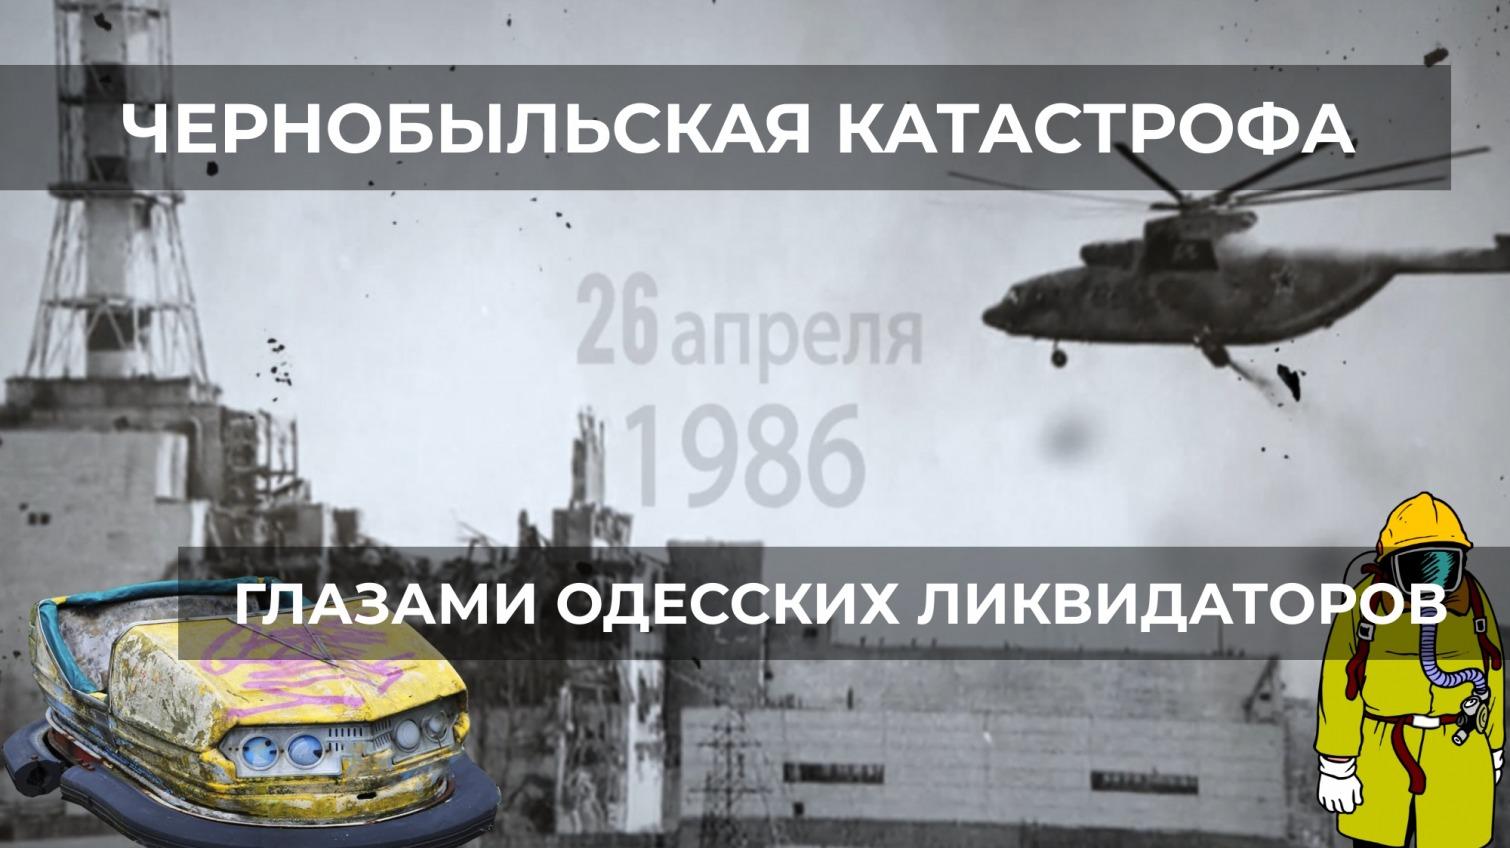 Чернобыльская катастрофа глазами одесских ликвидаторов (интервью, видео) «фото»